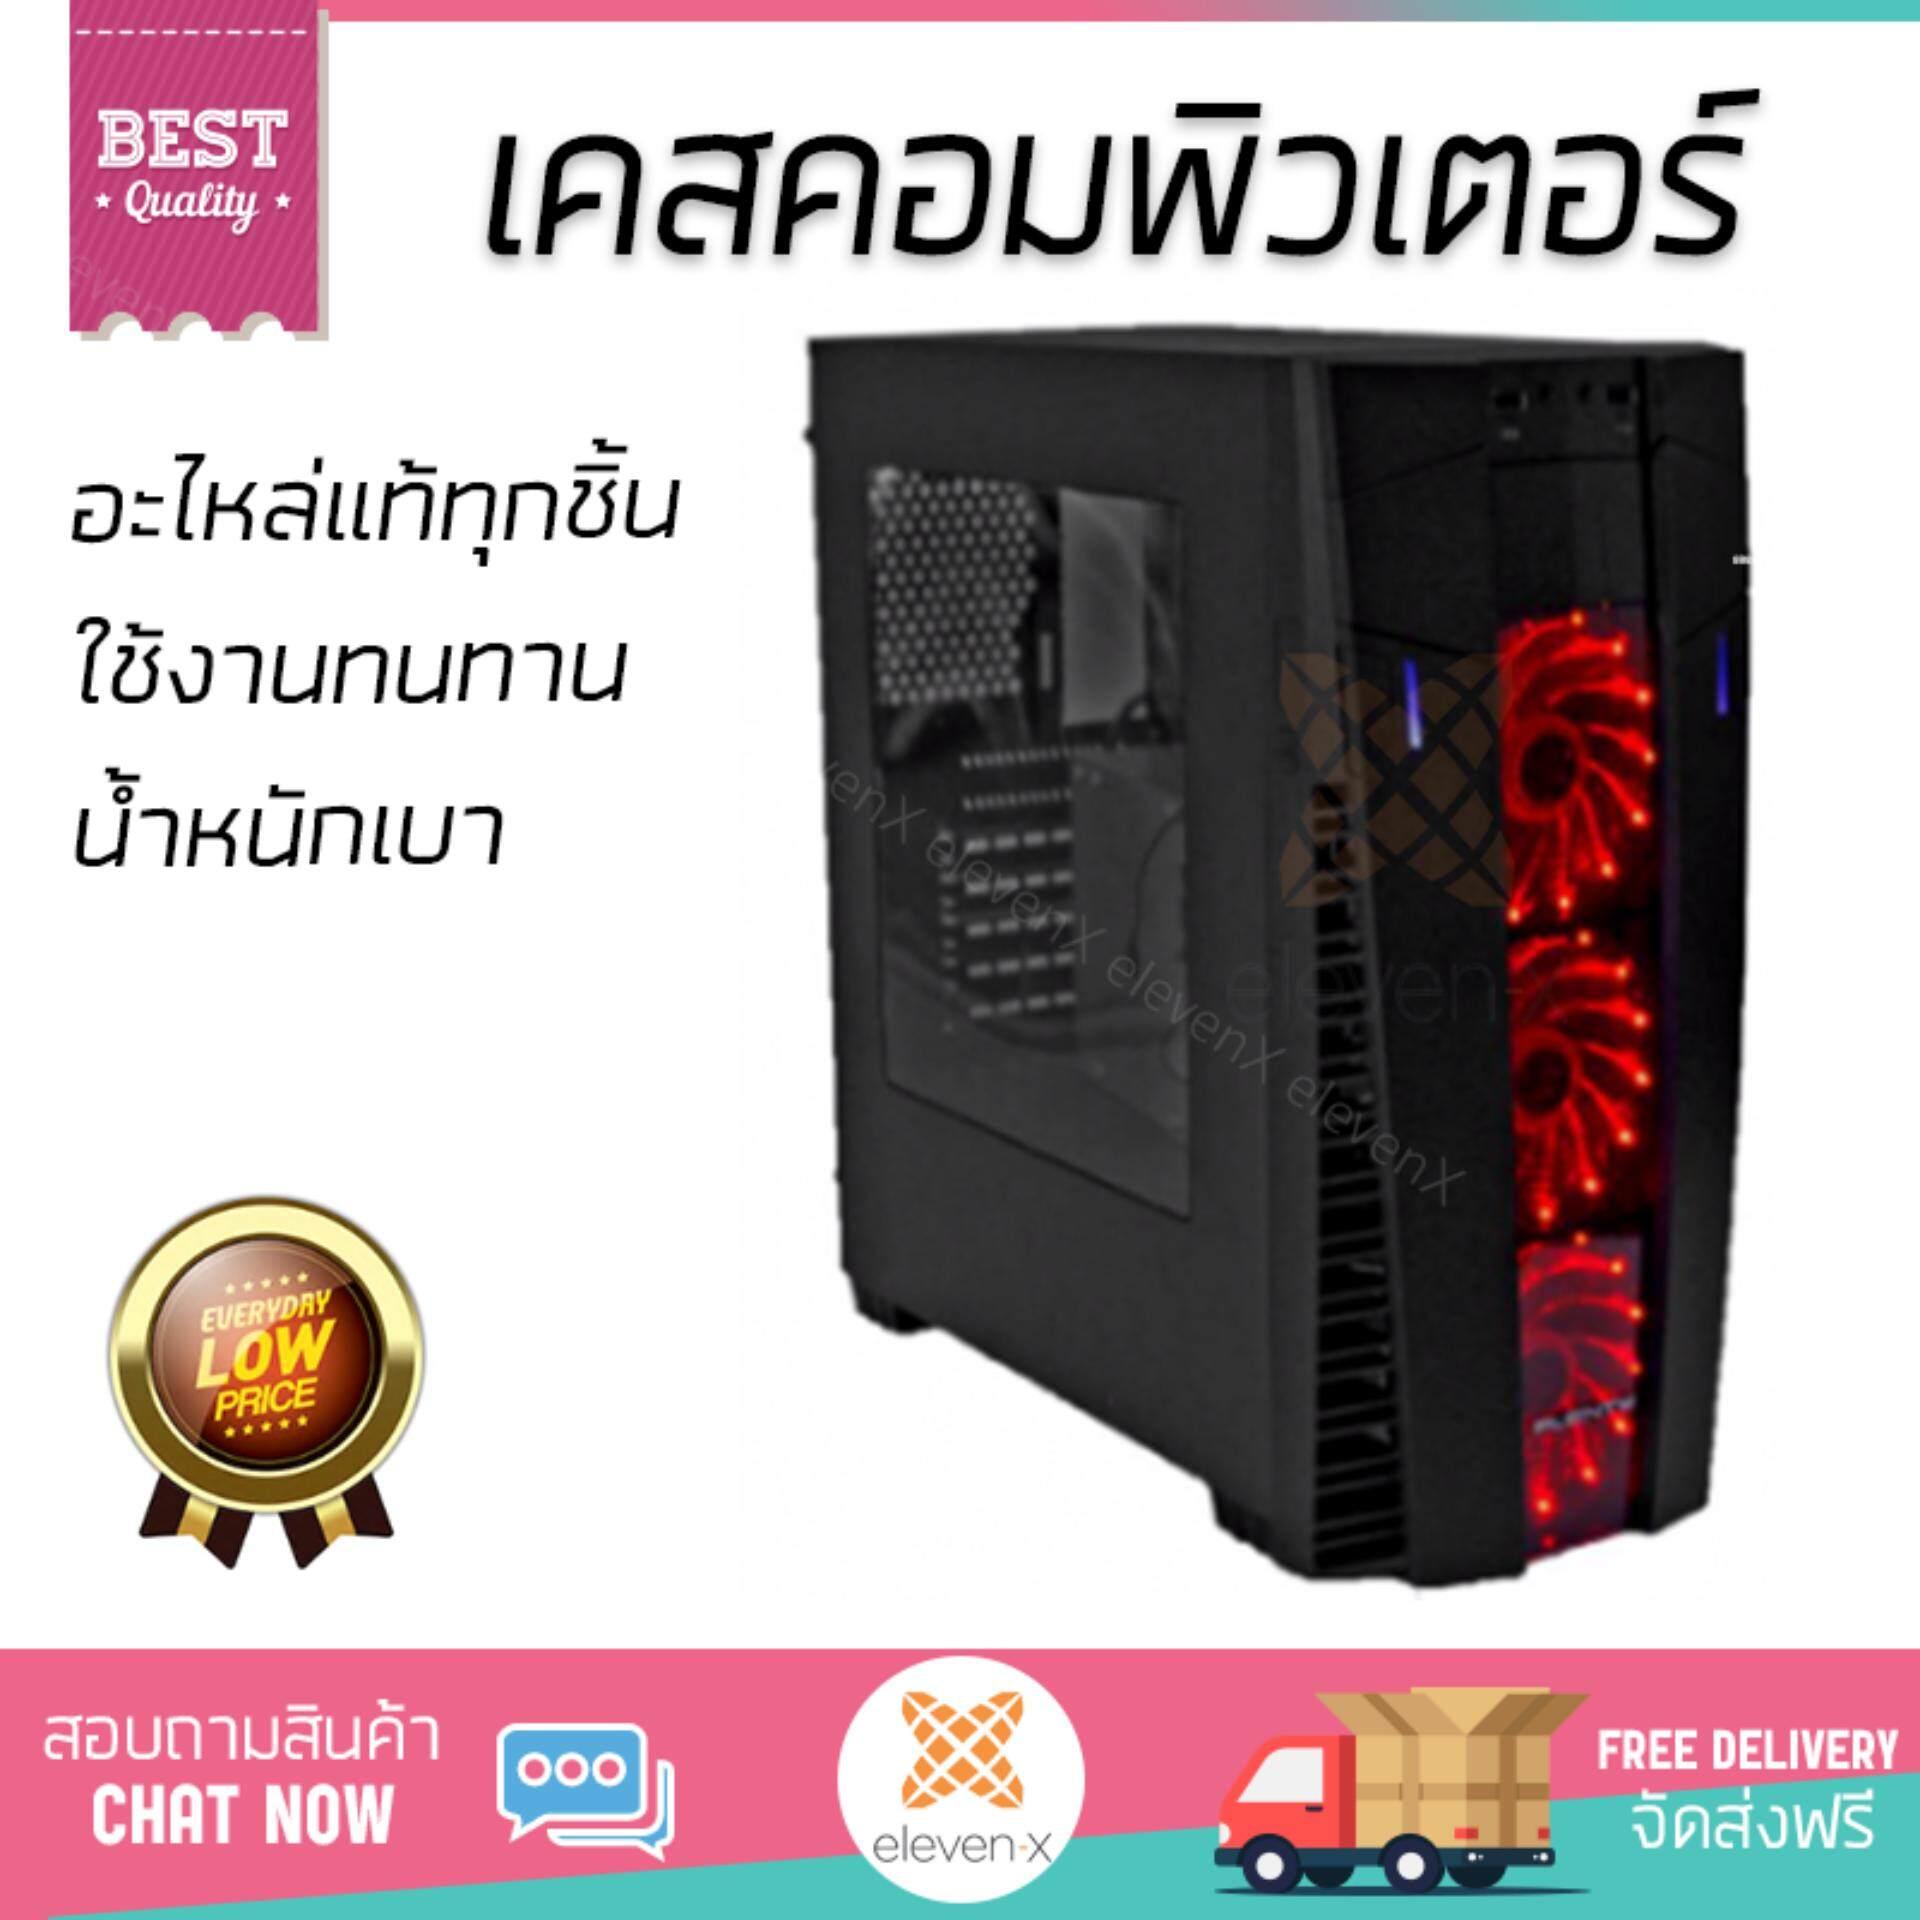 สุดยอดสินค้า!! ราคาพิเศษ เคสคอมพิวเตอร์  Plenty Computer Case EC09KRD Black/Red (No PSU) ทนทาน อะไหล่แท้ทุกชิ้น Computer Case  จัดส่งฟรี Kerry ทั่วประเทศ